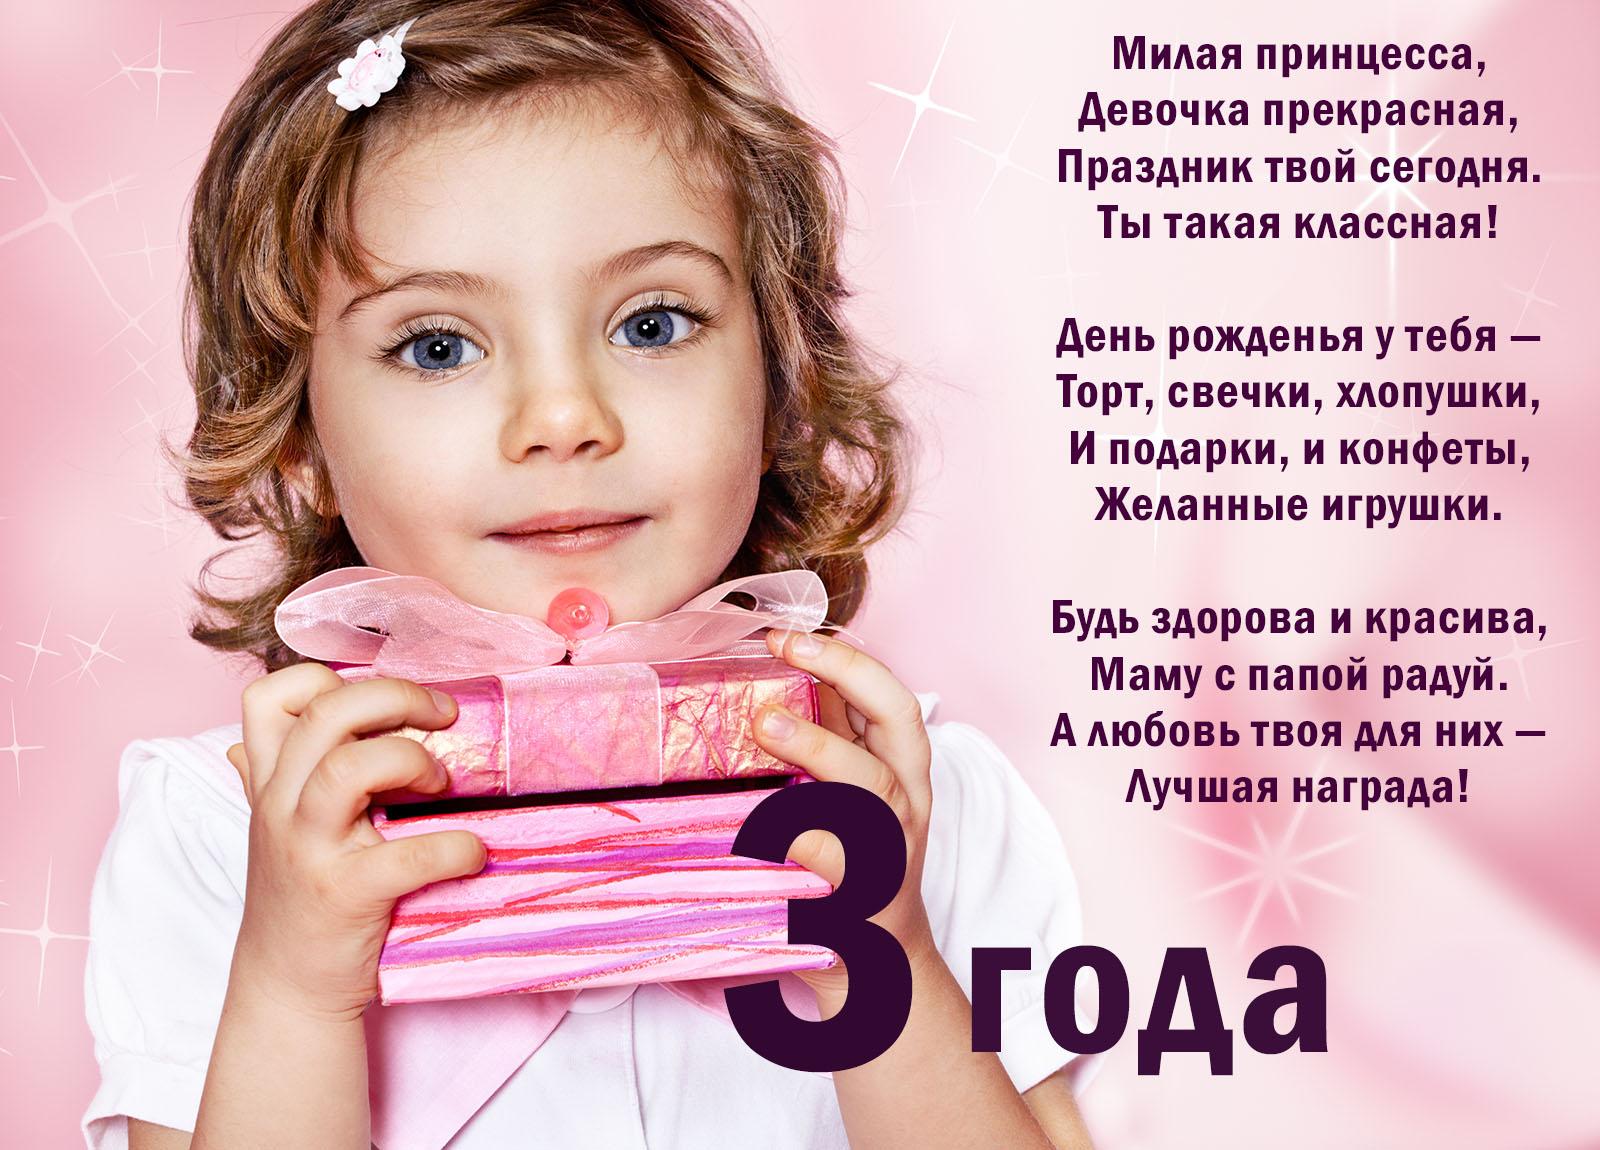 Поздравления дочке на 3 года